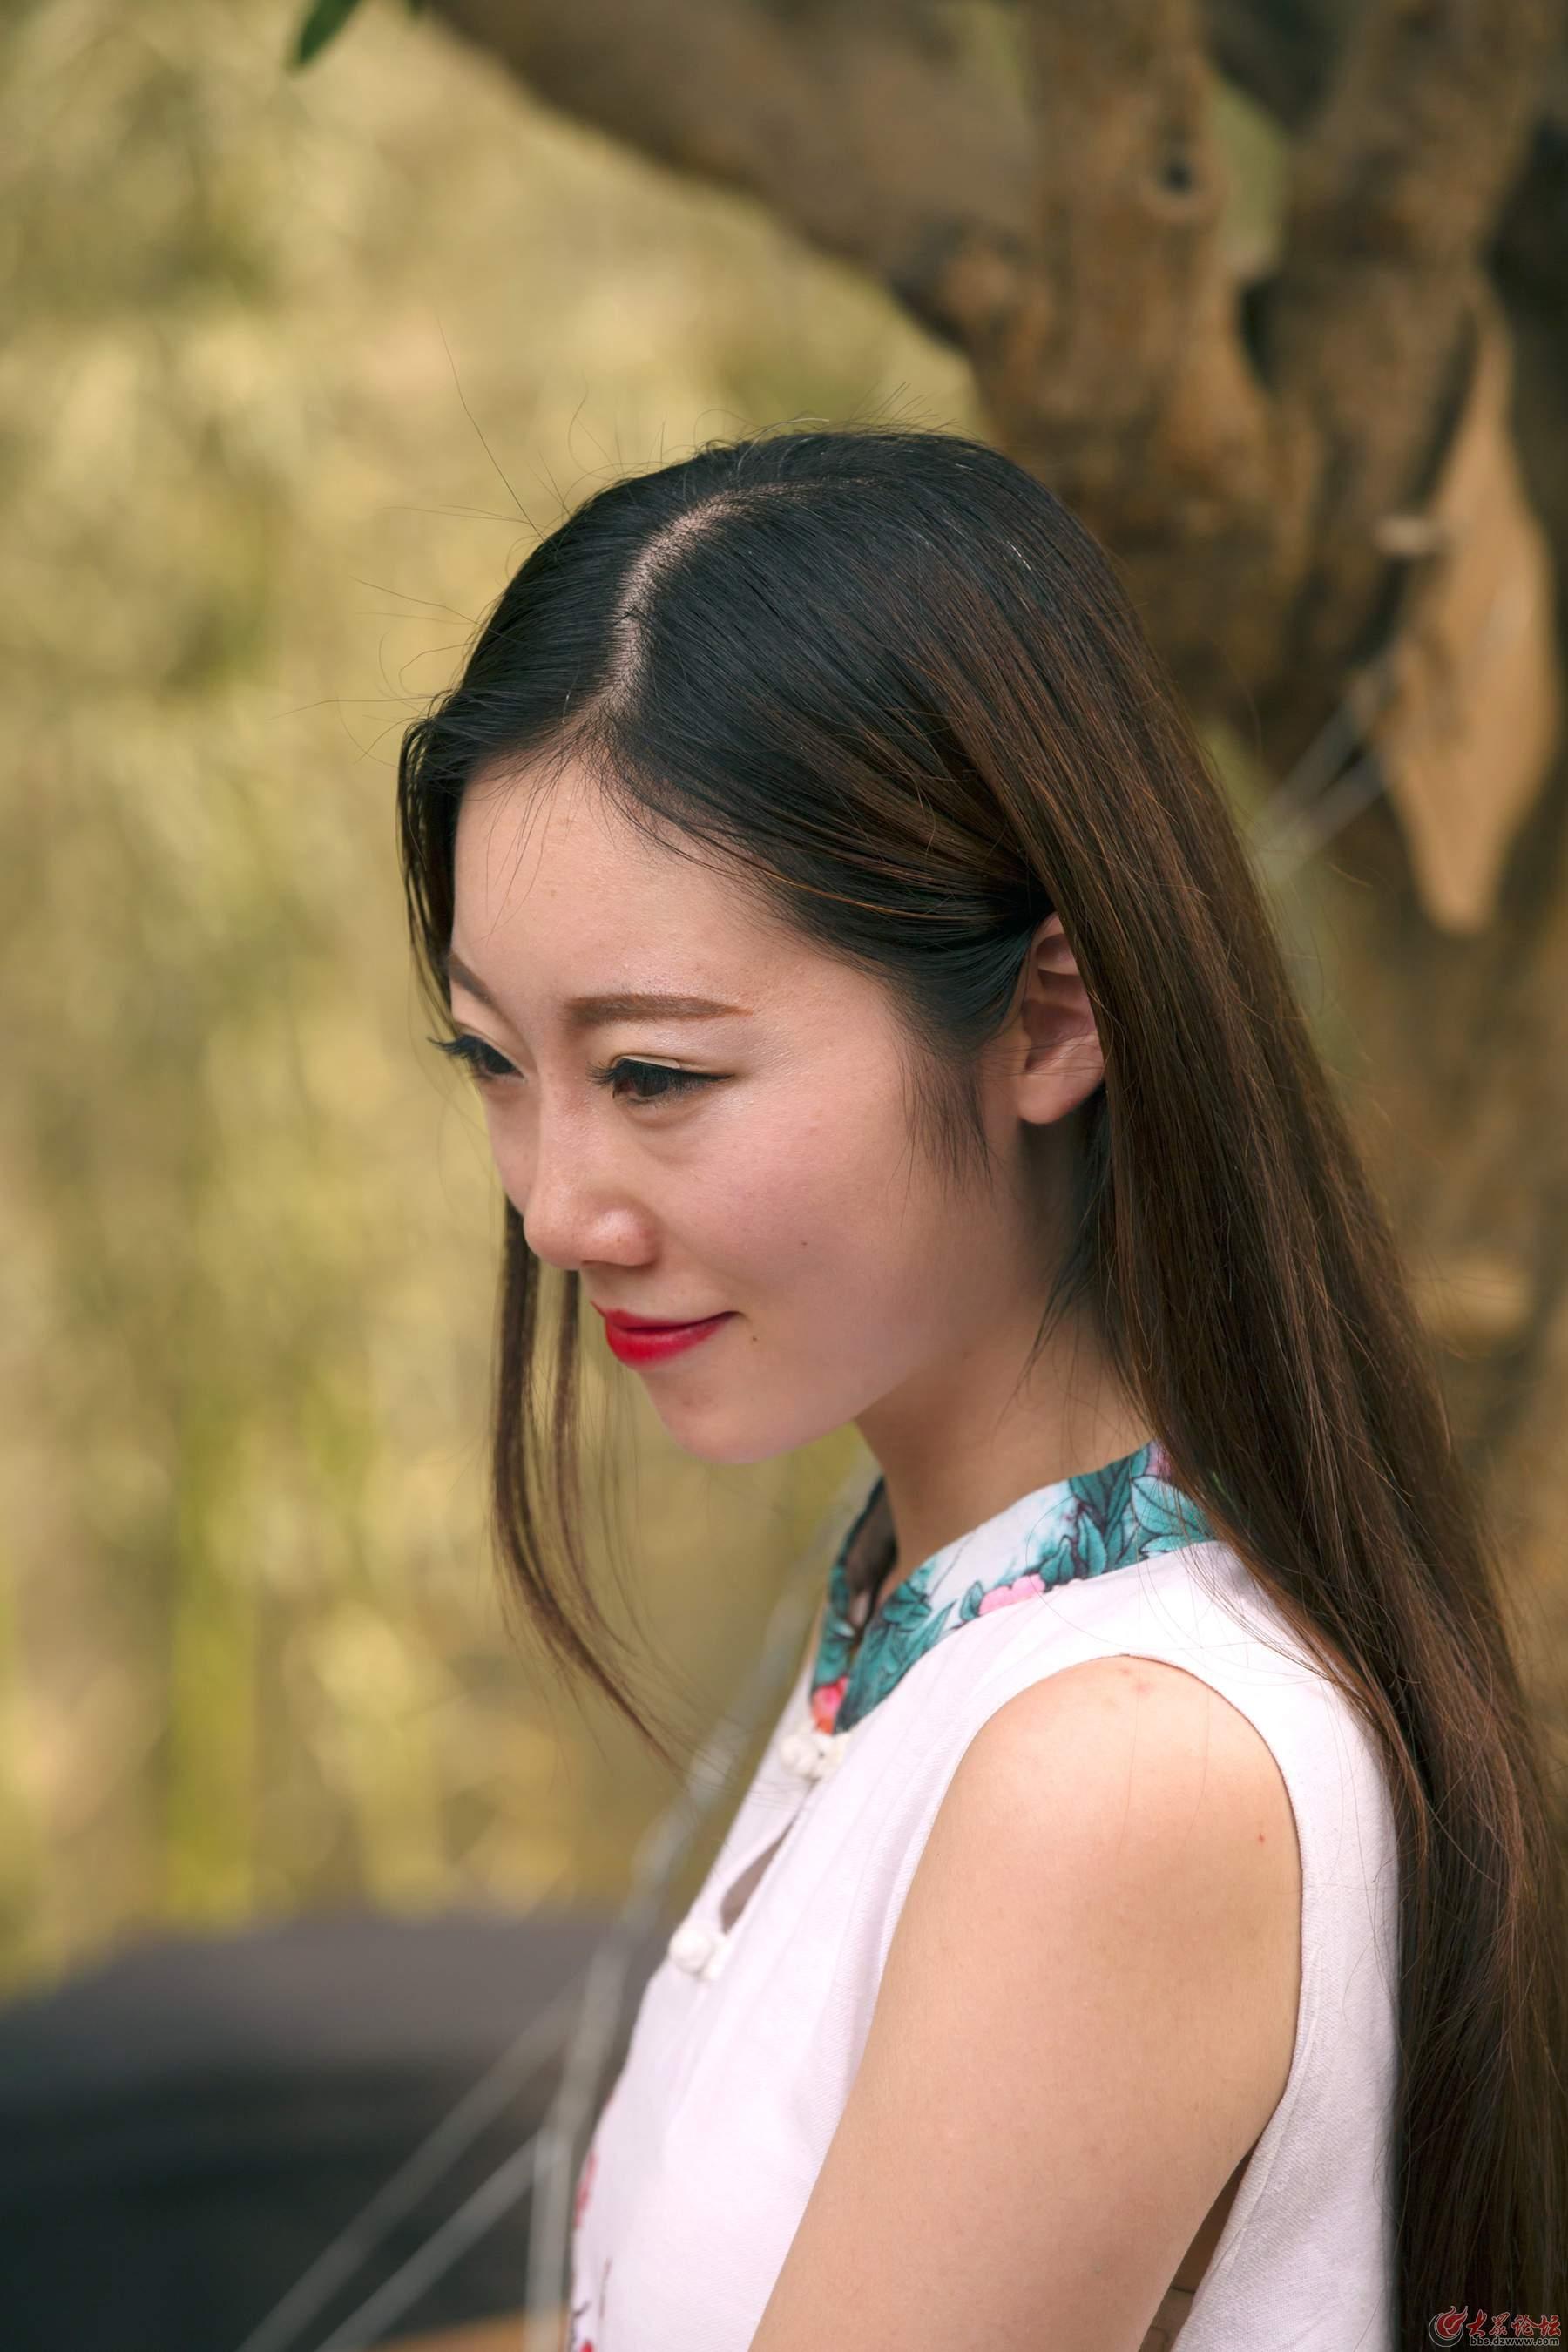 人妻伦理����_北京熟女云姐电话-北京水柔姐百度云,我的新生活1.7百度云